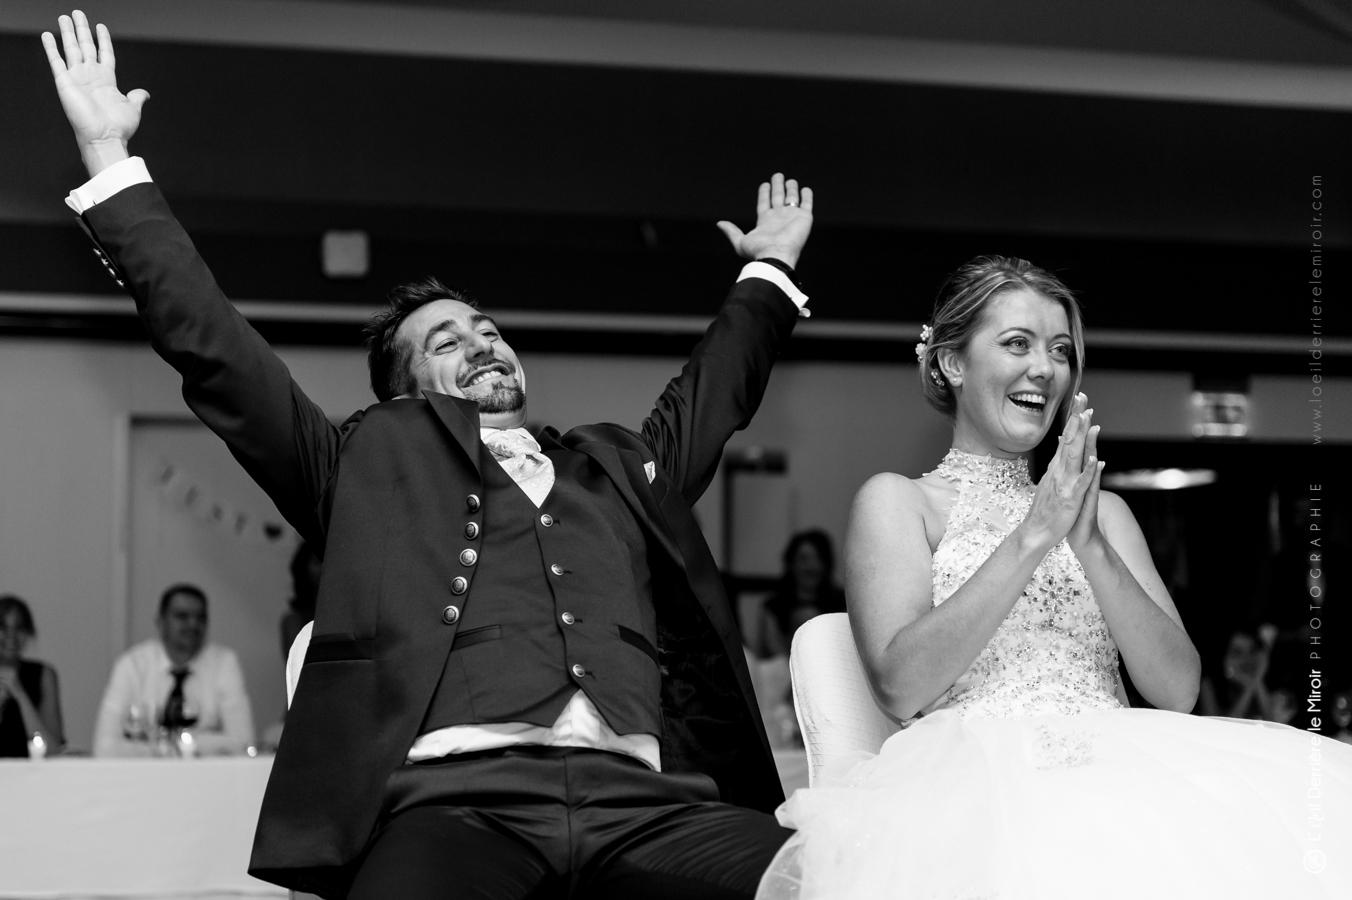 Photographe-mariage-monaco-loeilderrierelemiroir-099